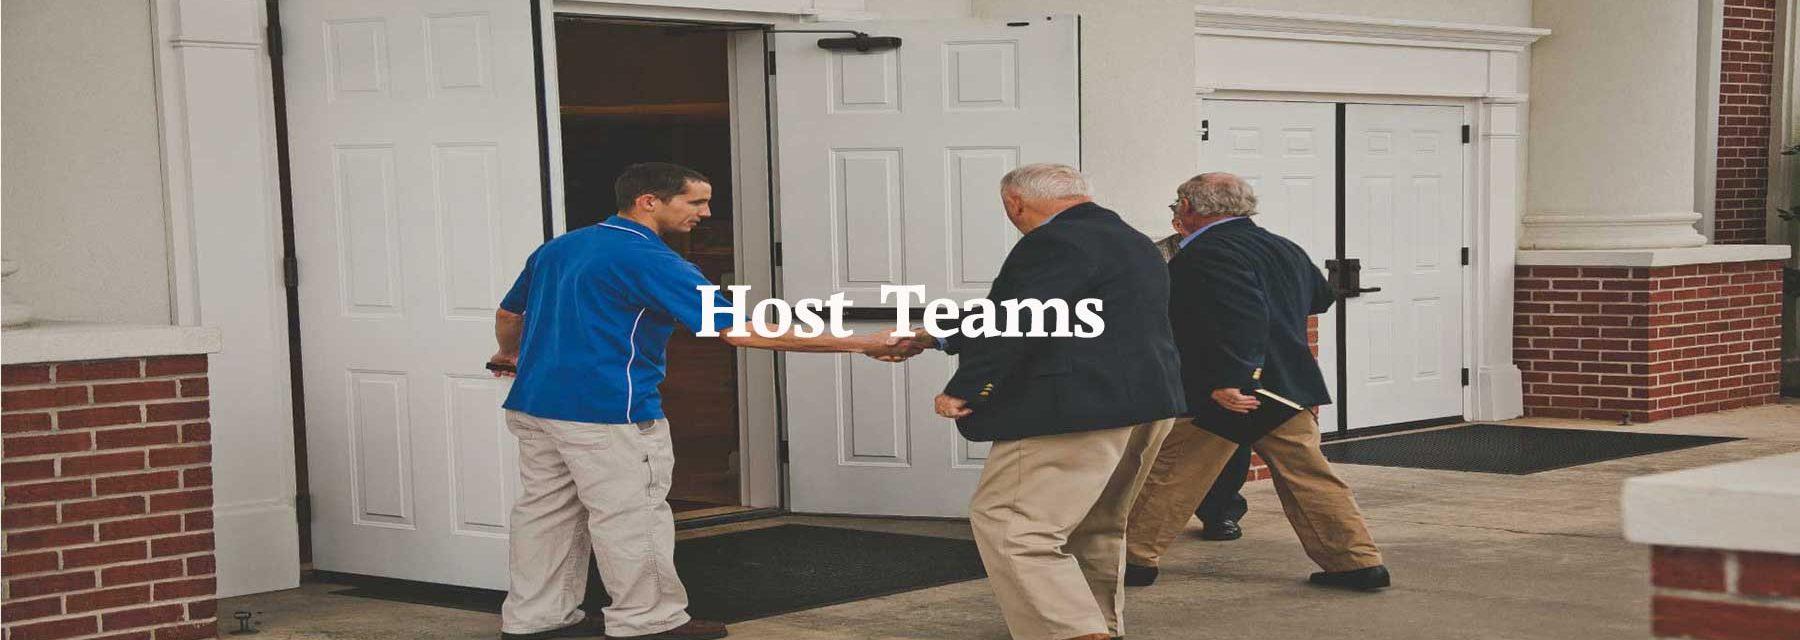 host_teams3